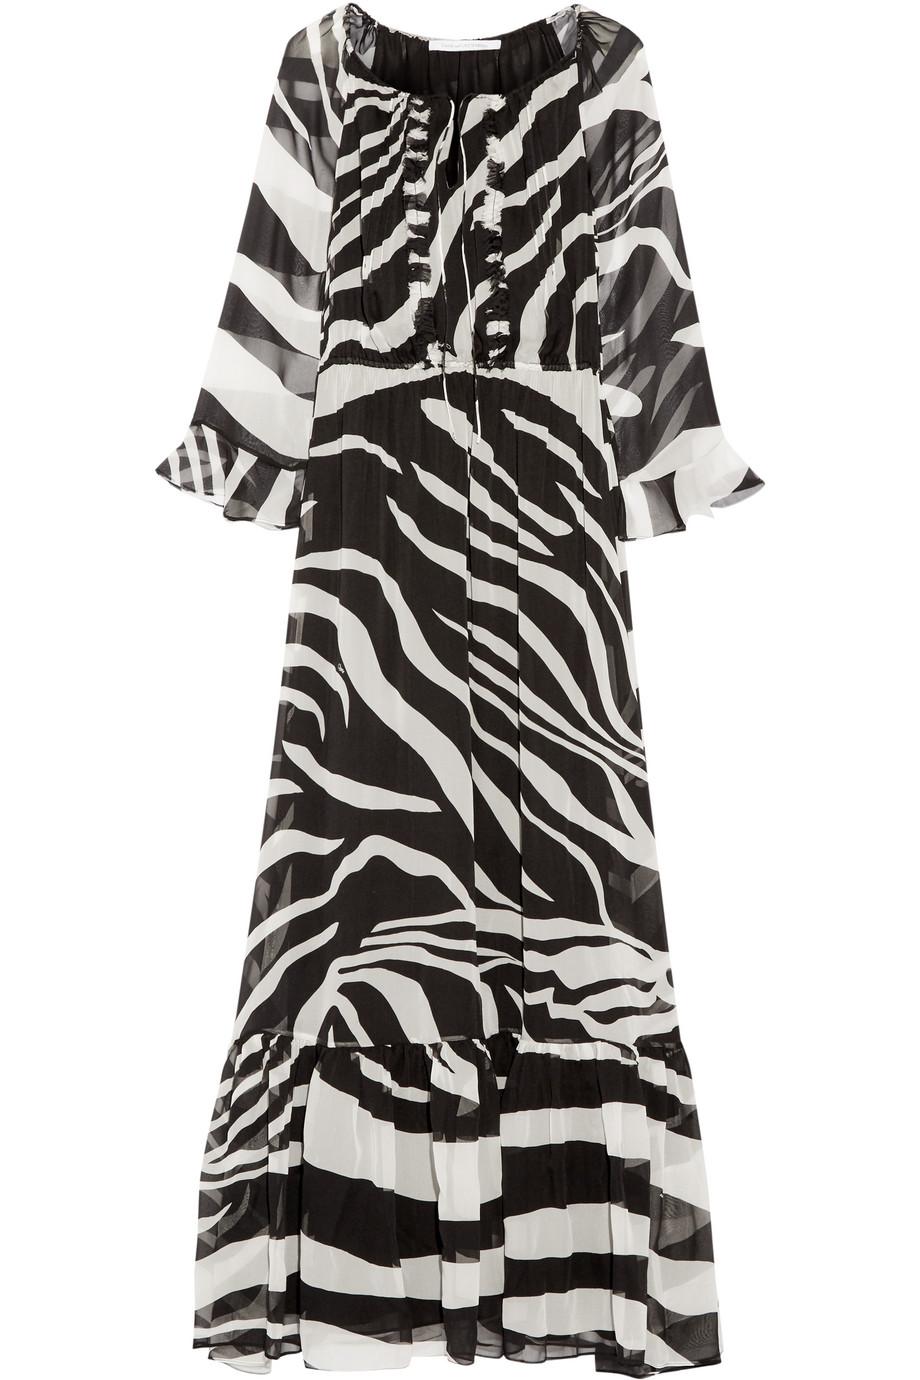 Diane Von Furstenberg Simonia Zebra-Print Silk-Chiffon Maxi Dress, Zebra Print, Women's - Zebra, Size: 4